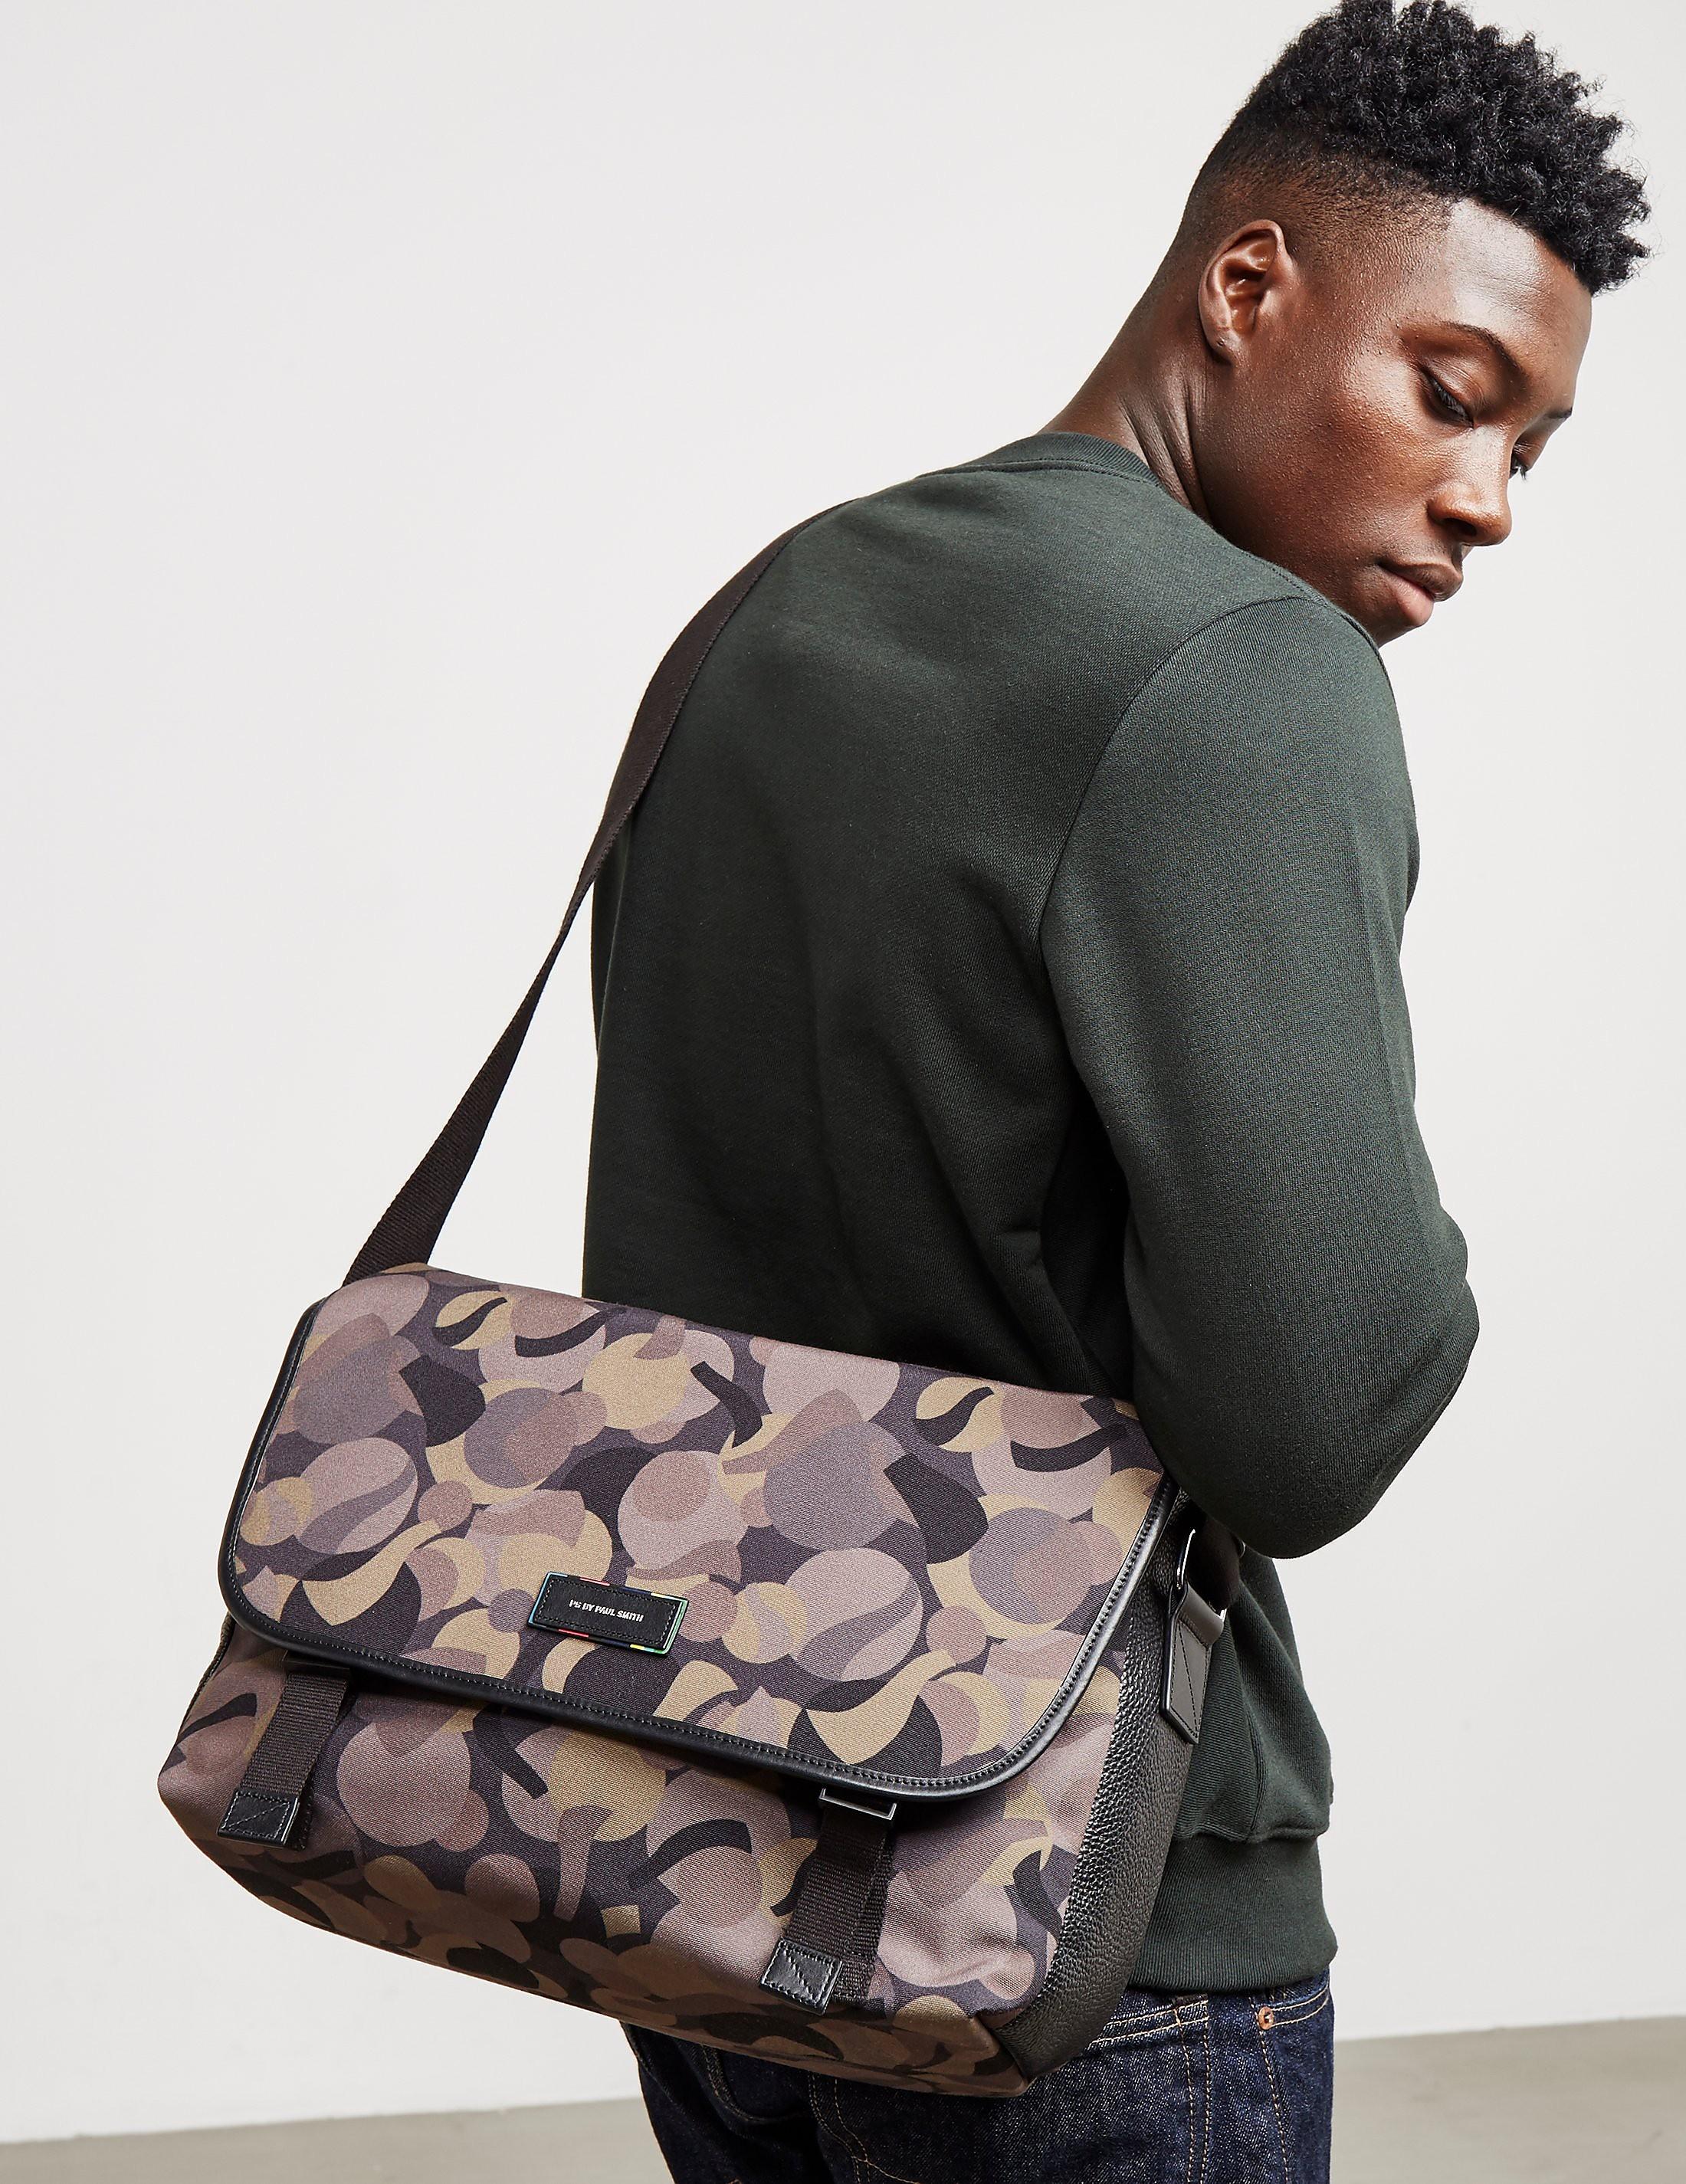 Paul Smith Messenger Bag